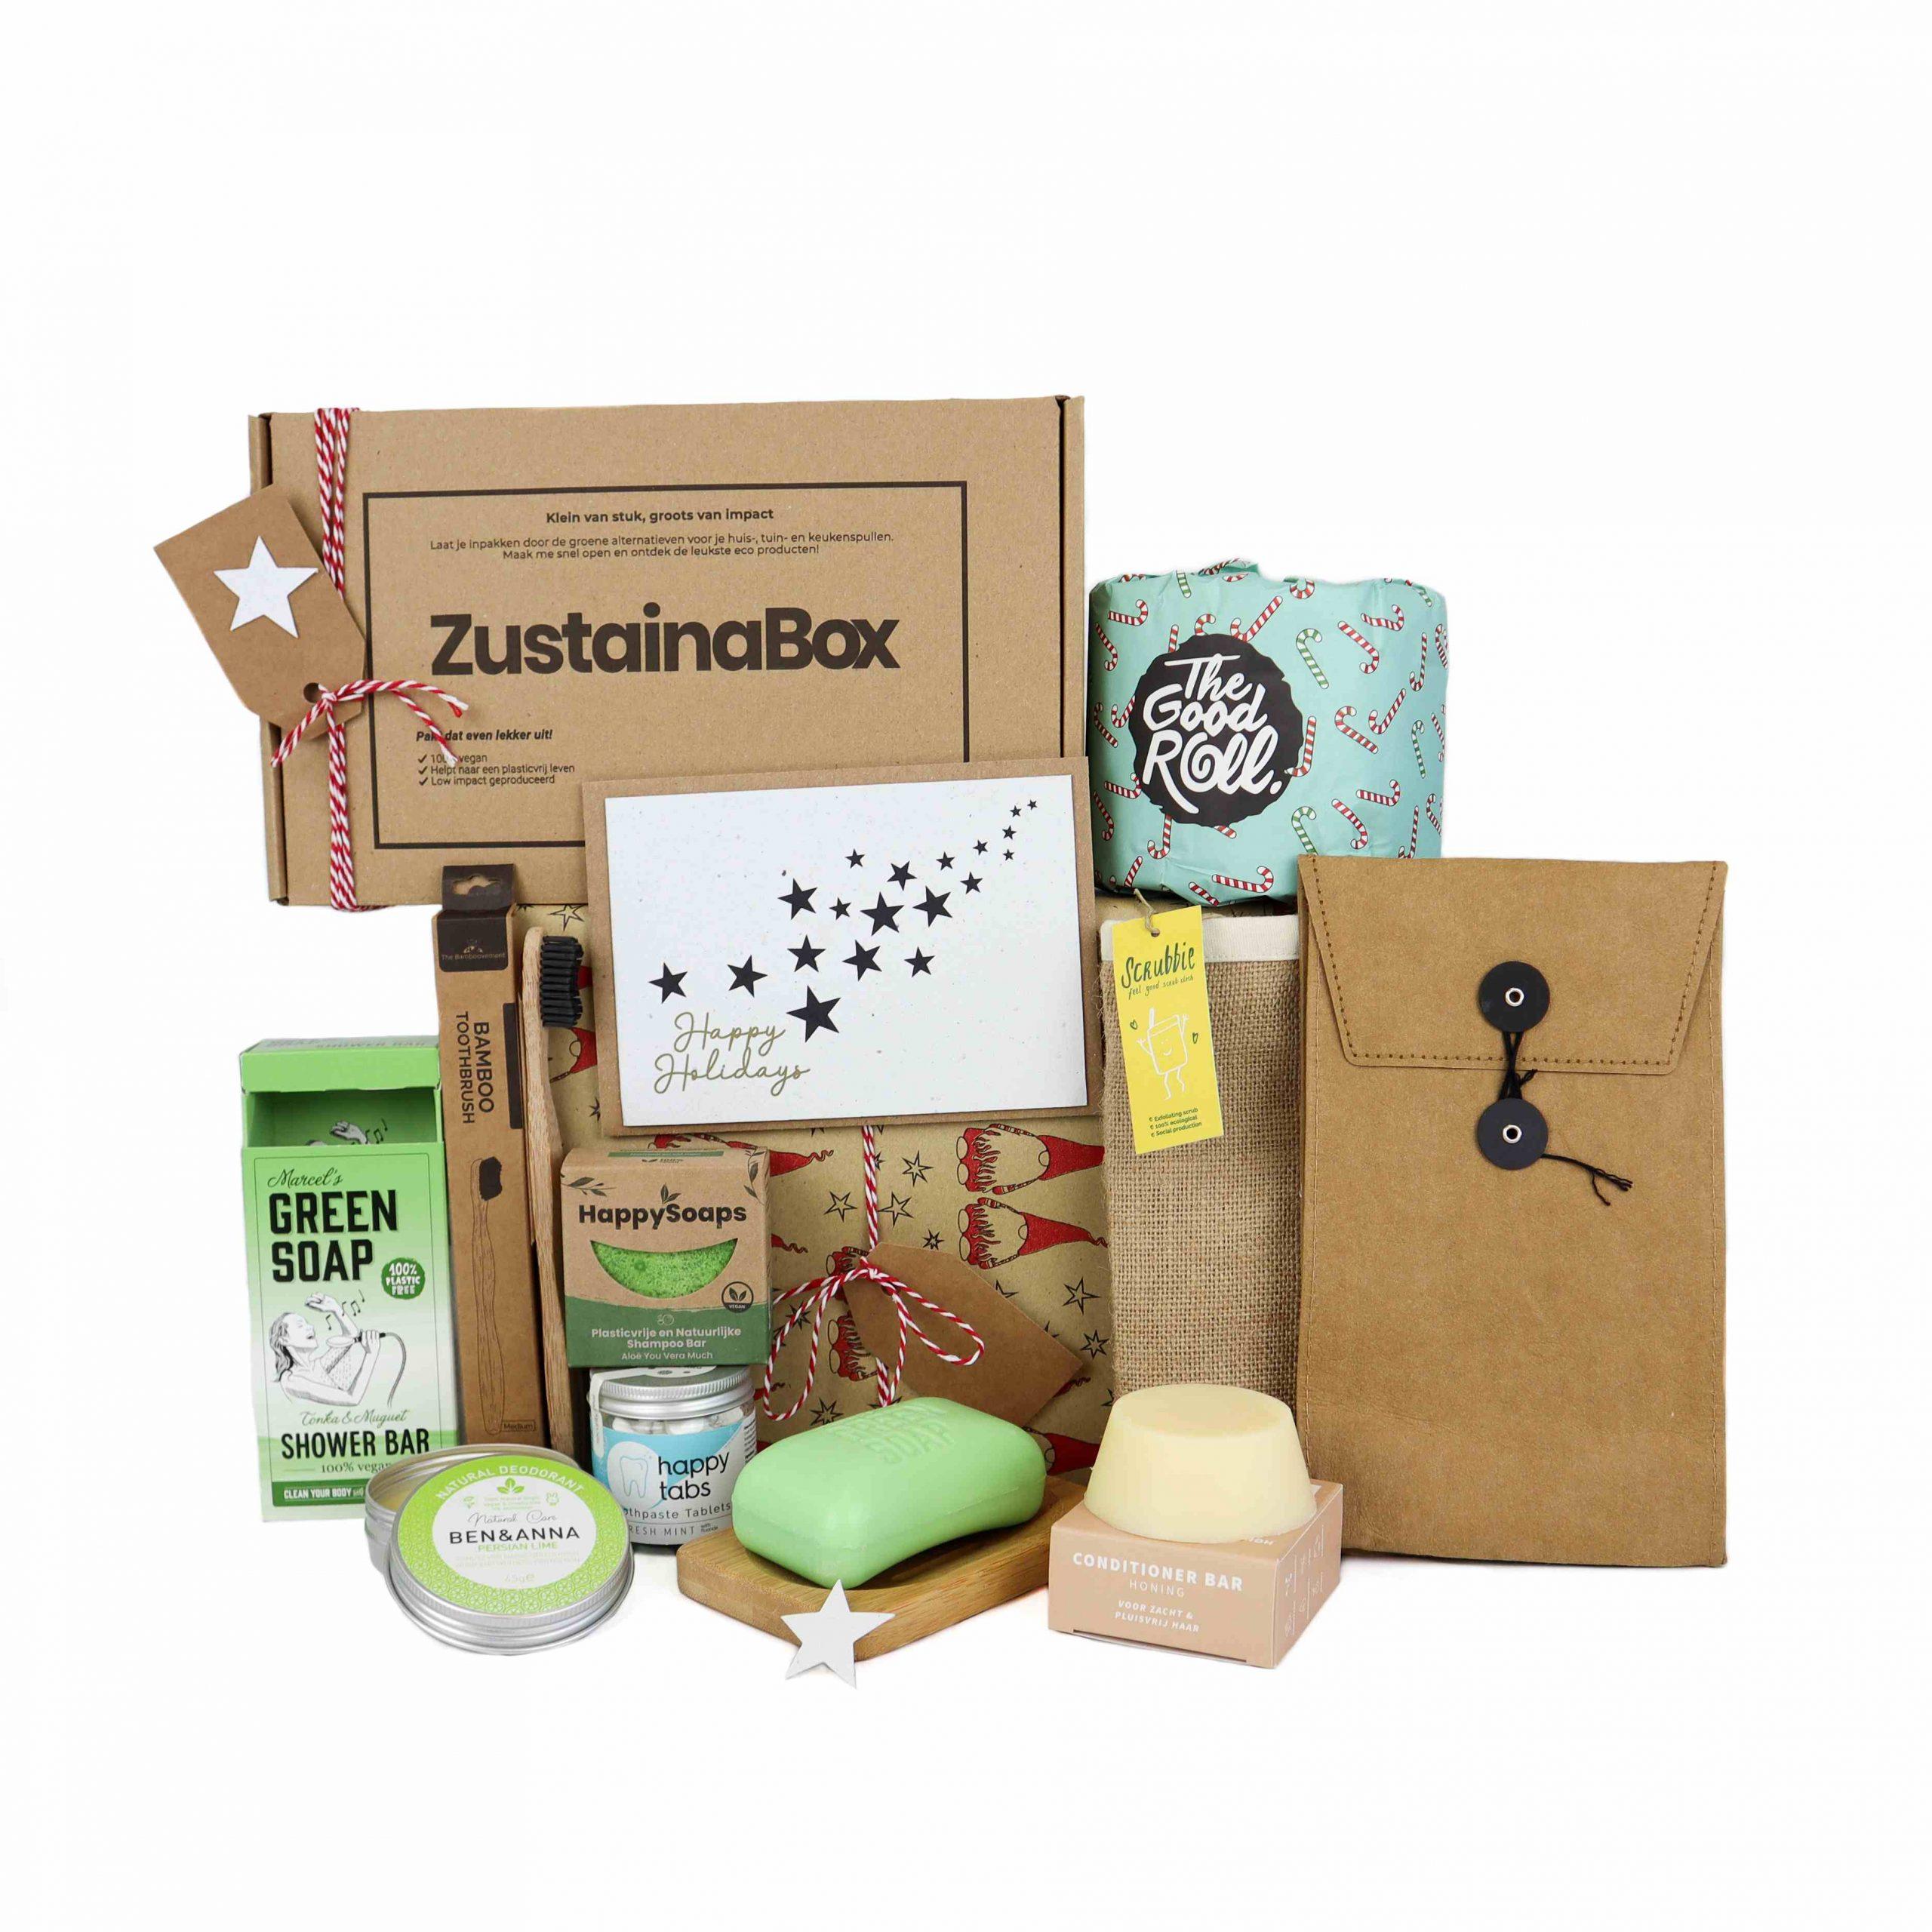 Kerst CareBox (Duurzaam Kerstpakket) - Zustainabox